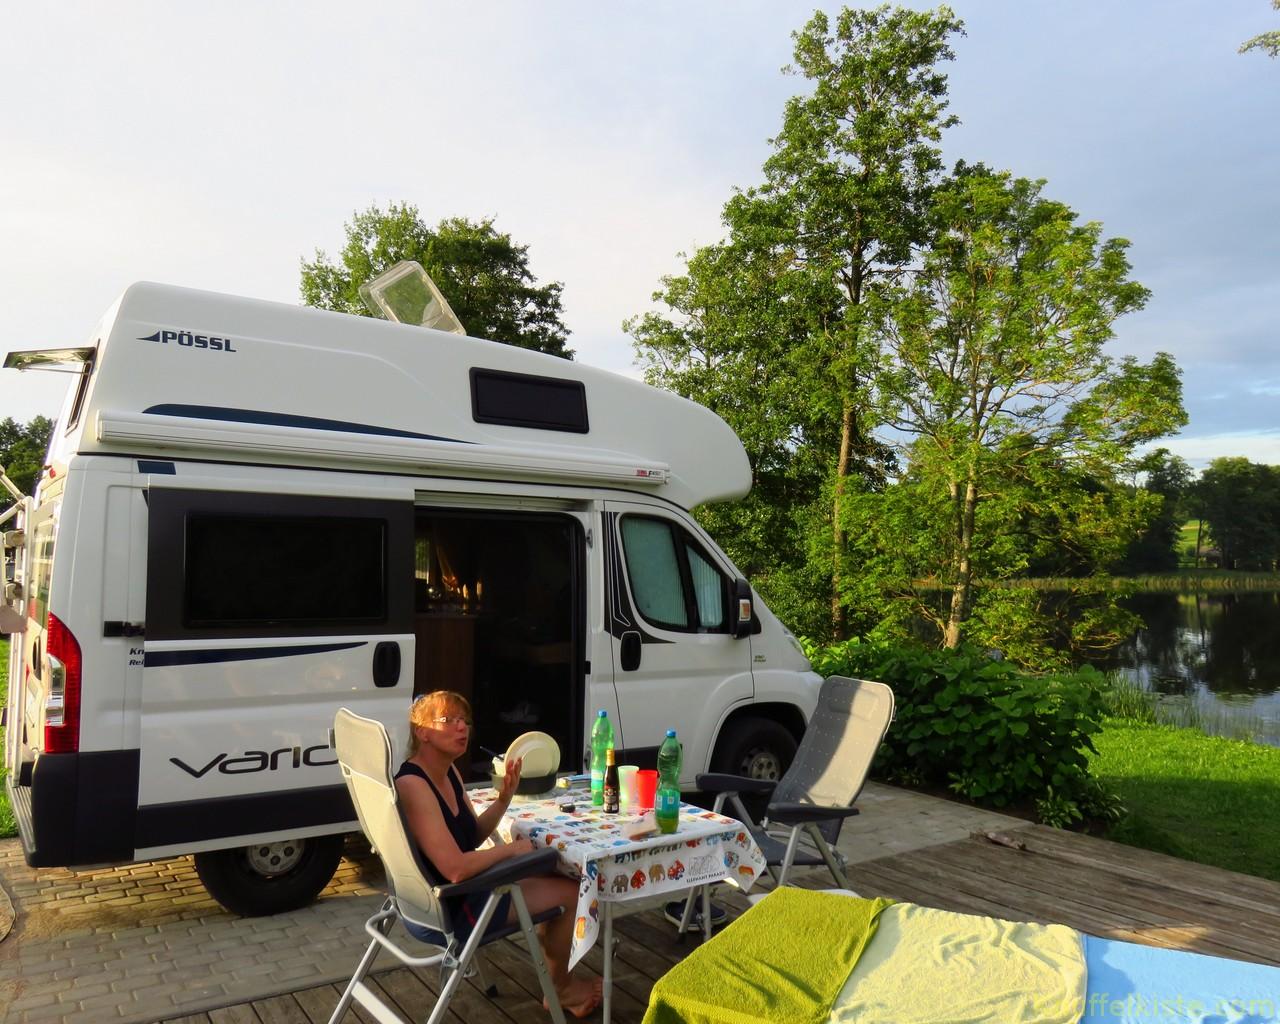 wieder zurück am Campingplatz